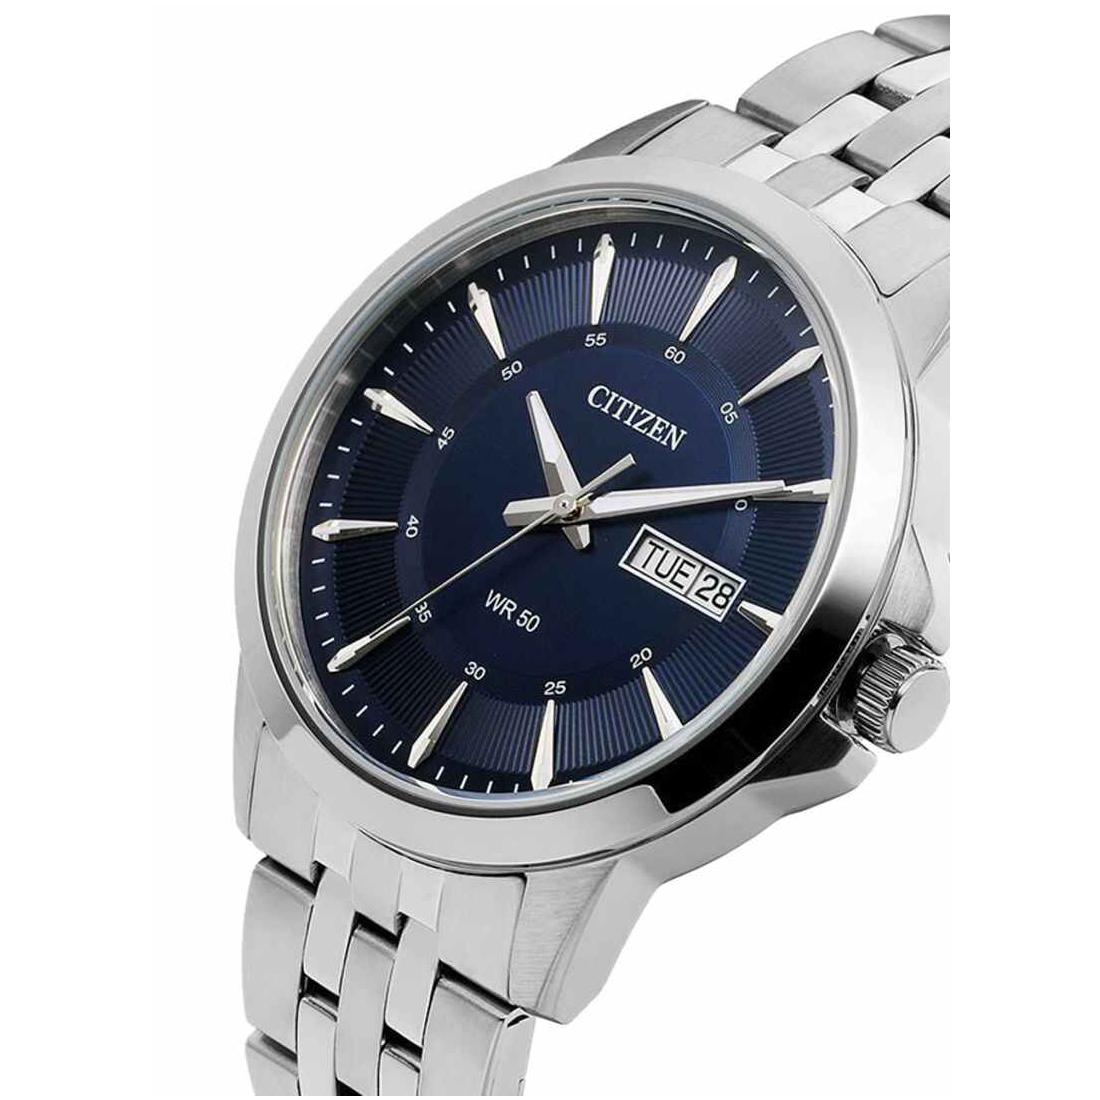 خرید                                         ساعت مچی عقربه ای مردانه سیتی زن کد BF2011-51L